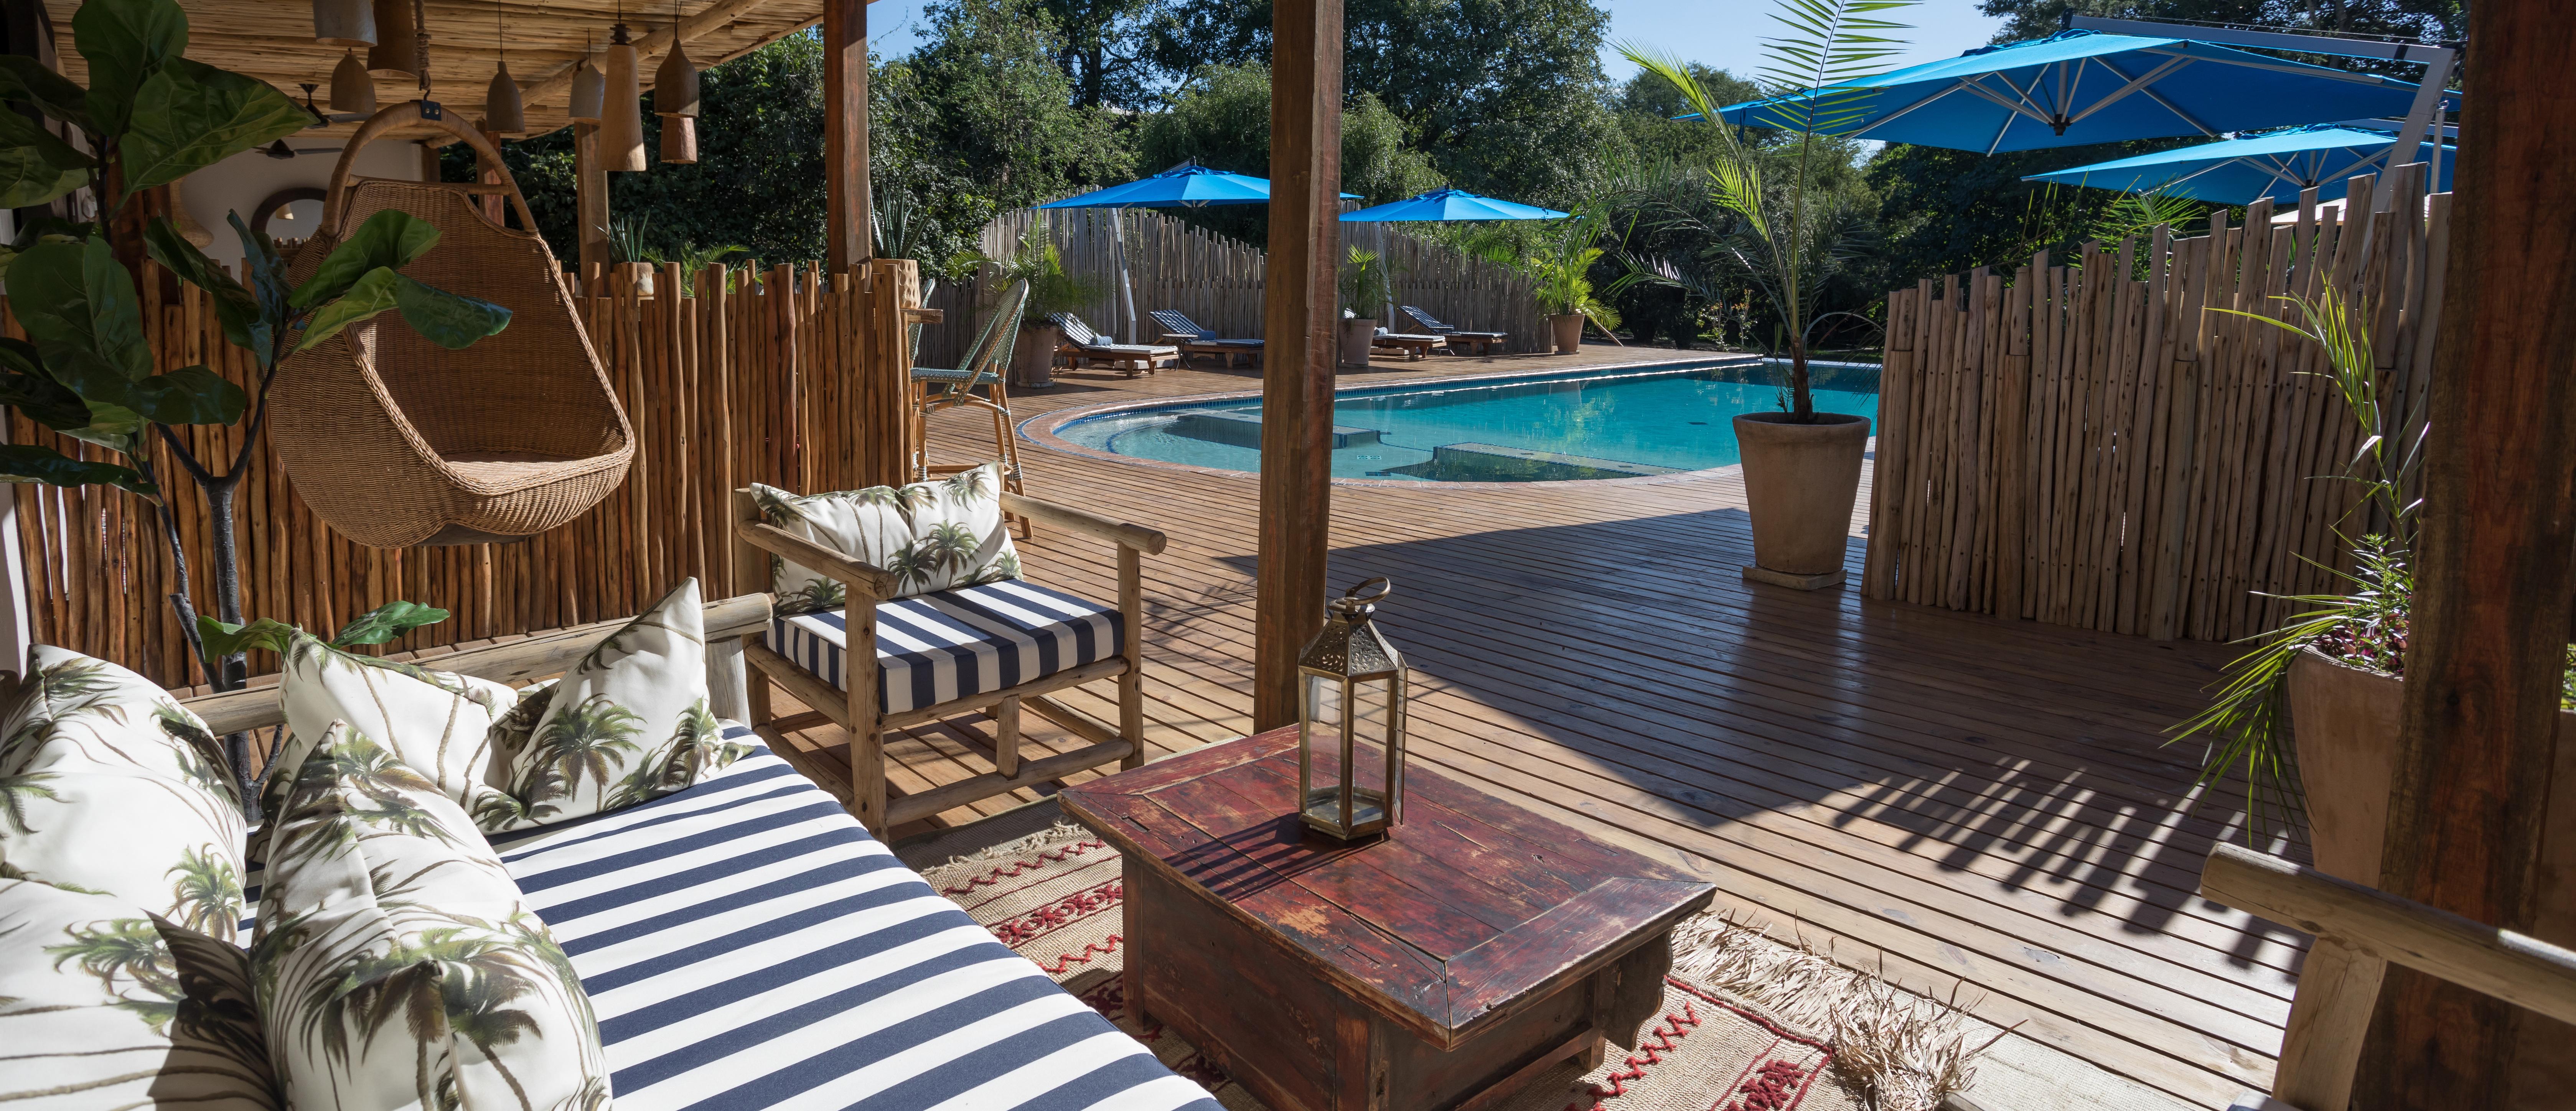 Tongabezi-swimming-pool